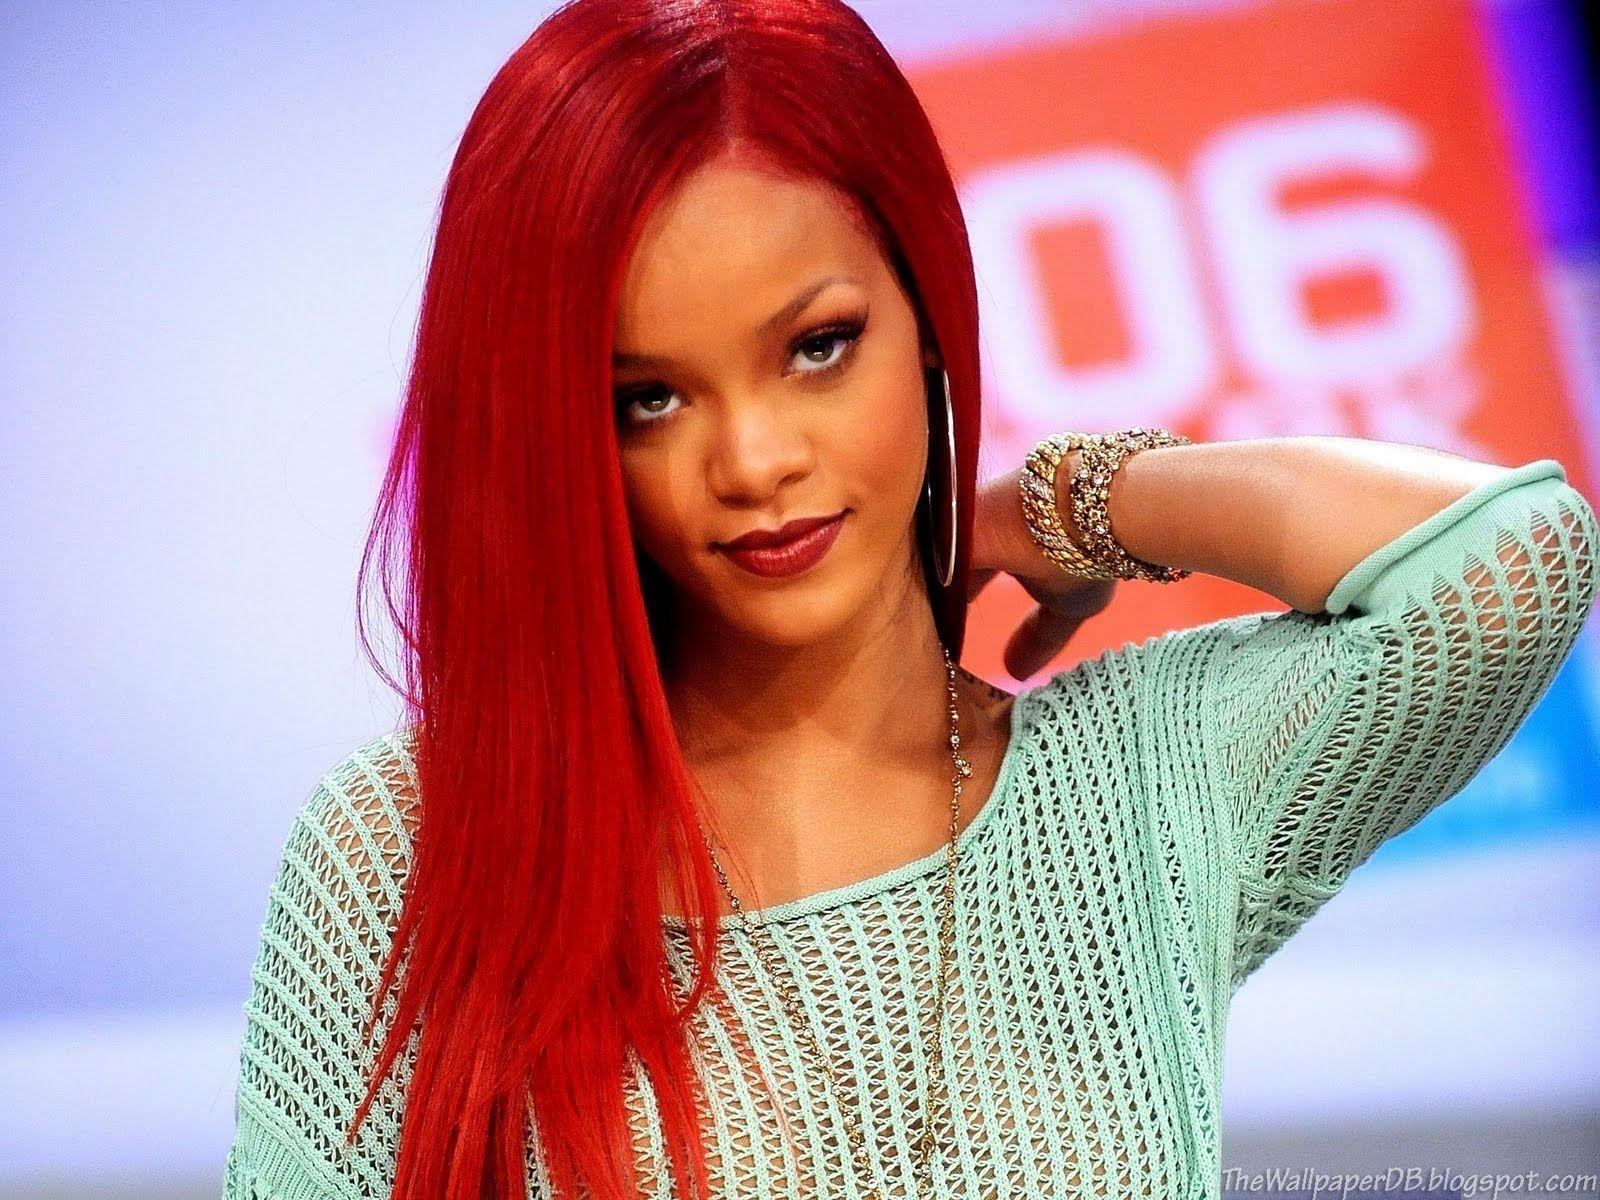 Rihanna Hair Colors Over The Years Rihanna Hairstyles Rihanna Red Hair Rihanna Long Red Hair